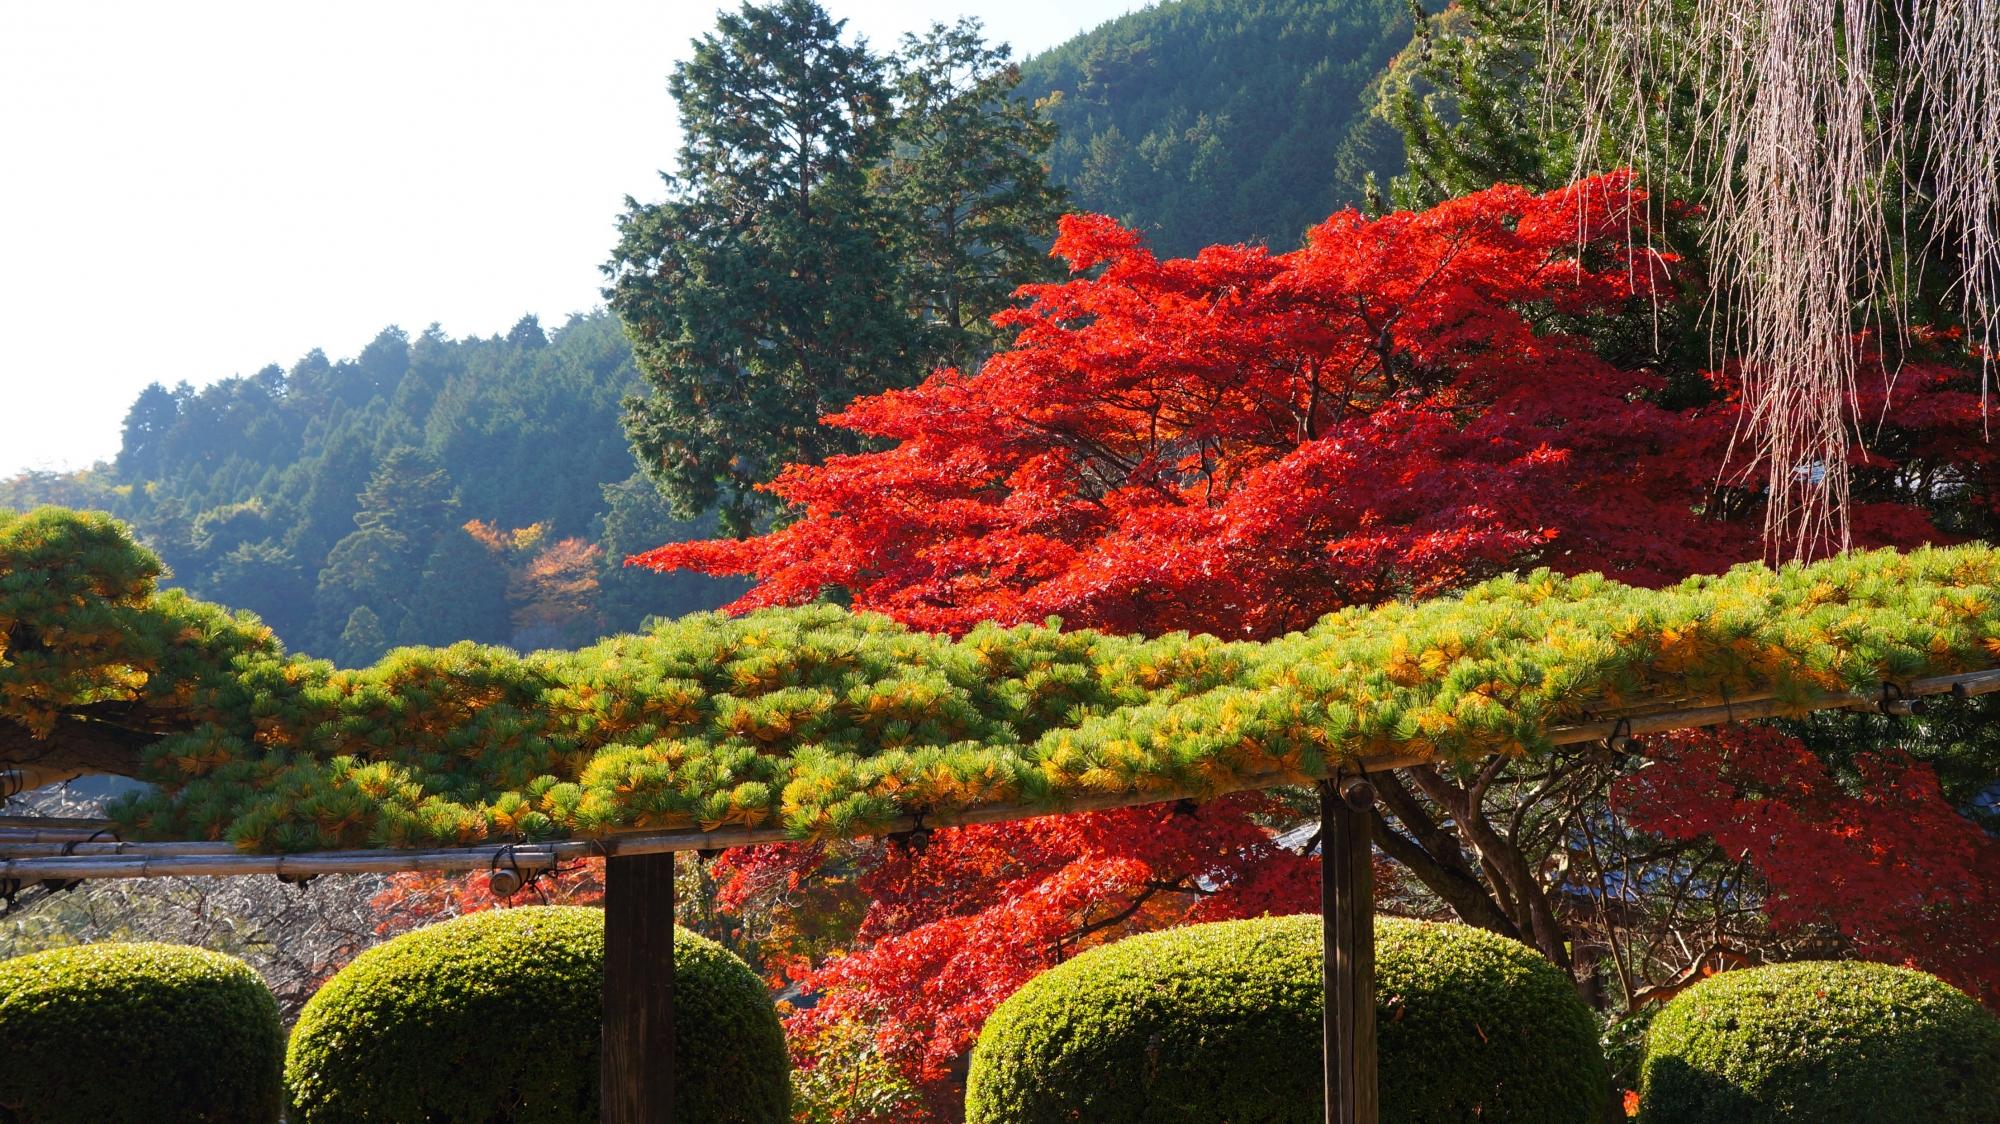 紅葉と遊龍の松の赤と緑のコントラスト